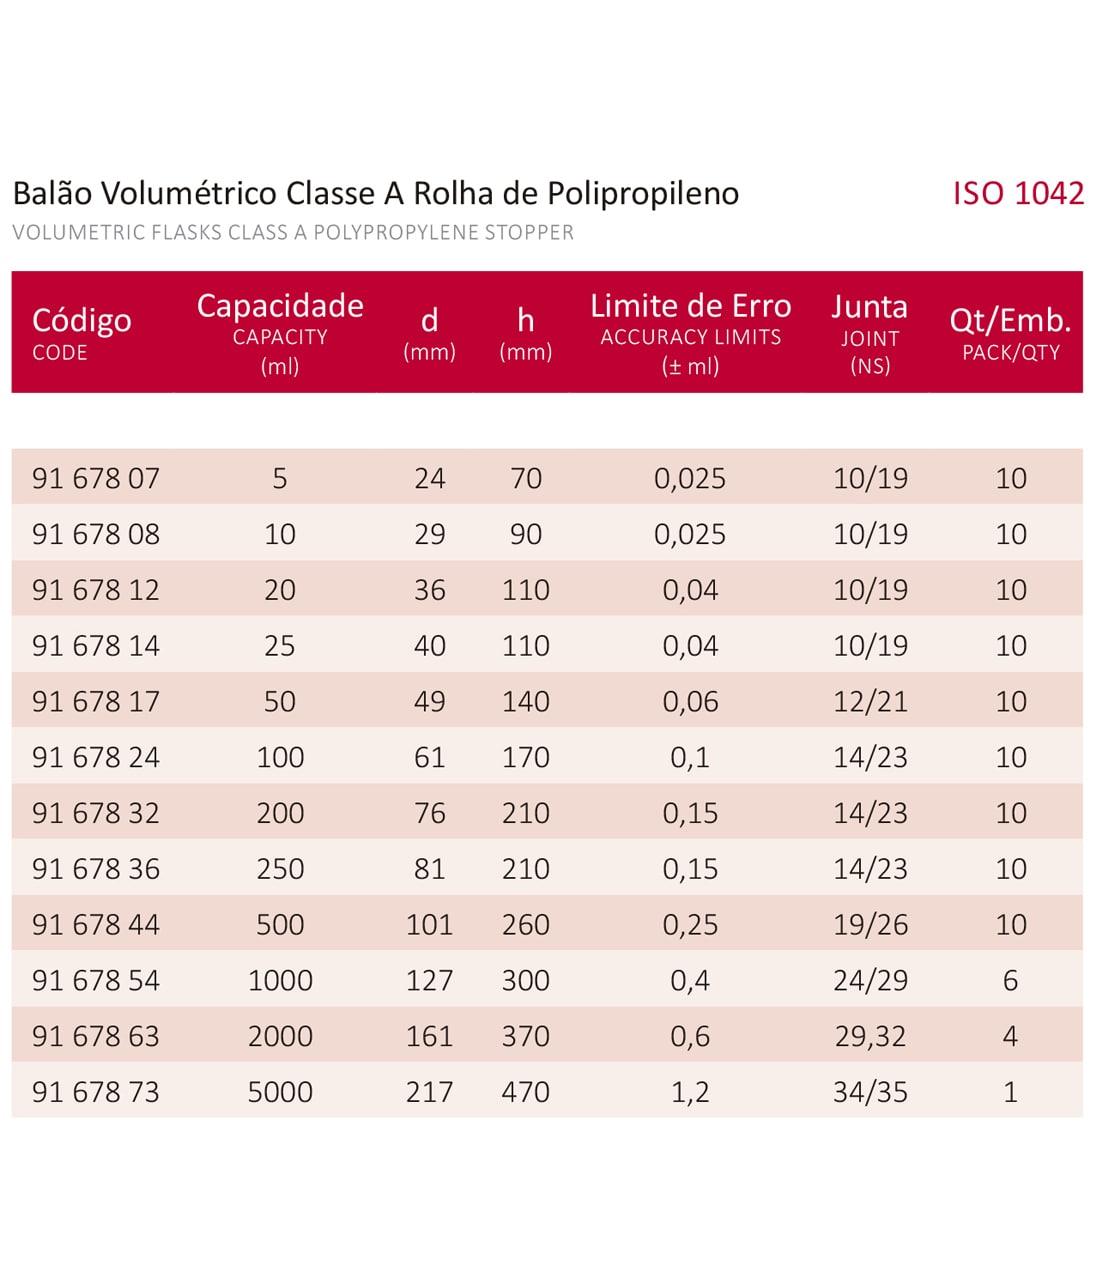 BALÃO VOLUMÉTRICO CLASSE A ROLHA POLI C/ CERTIFICADO RASTREÁVEL 15 ML - Marca Laborglas - Cód. 9167811-C